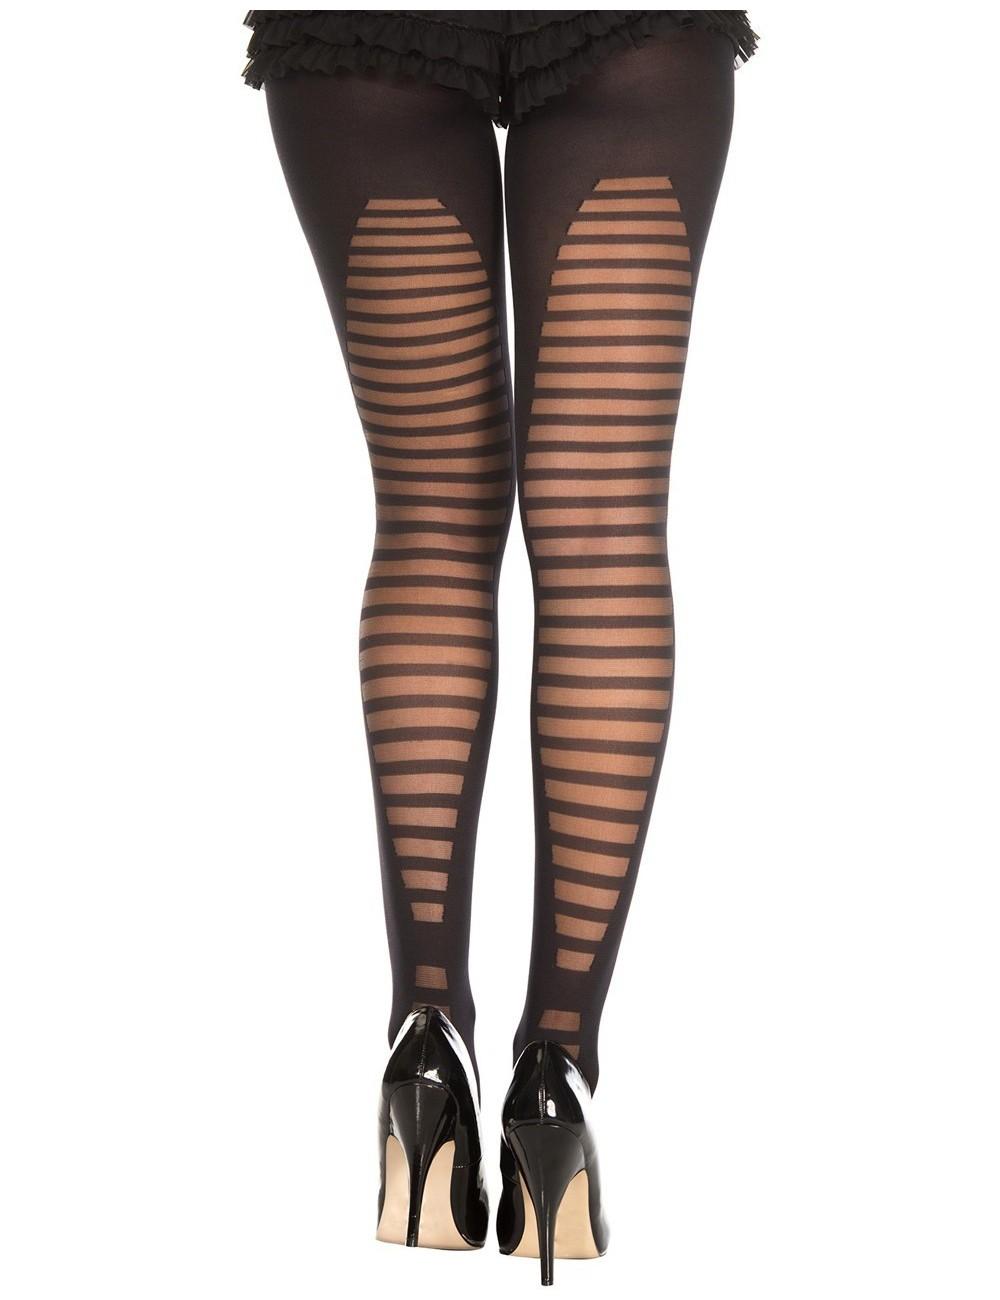 Lingerie - Collants - Collant semi opaque noir avec arrière fantaisie de lignes horizontales - MH7300BLK - Music Legs